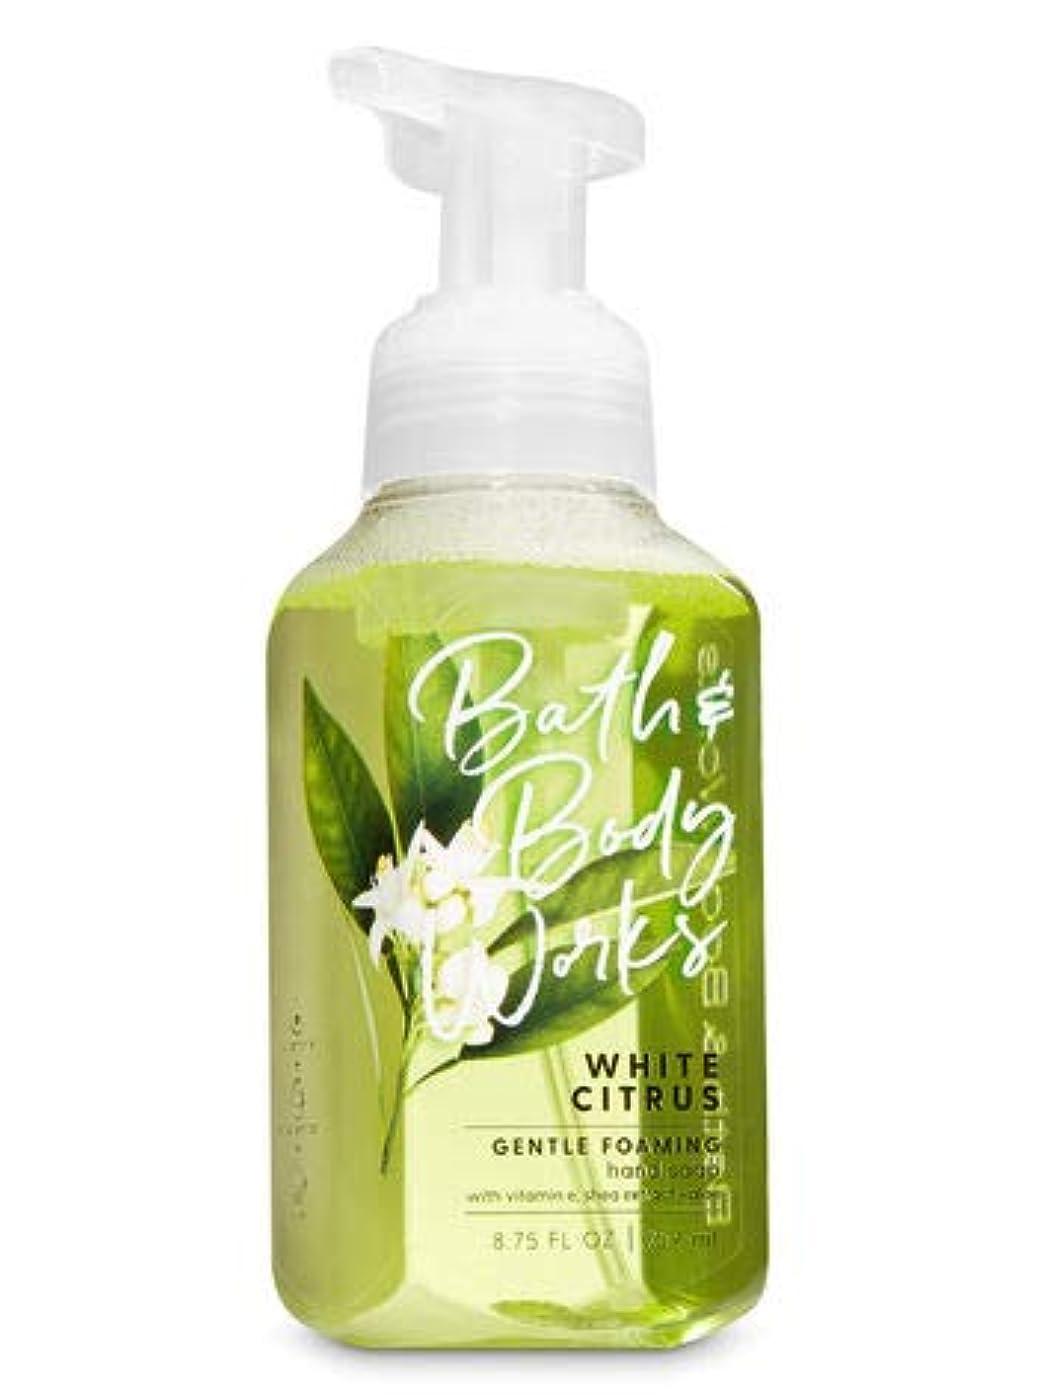 国勢調査ラジエーター起きろバス&ボディワークス ホワイトシトラス ジェントル フォーミング ハンドソープ White Citrus Gentle Foaming Hand Soap